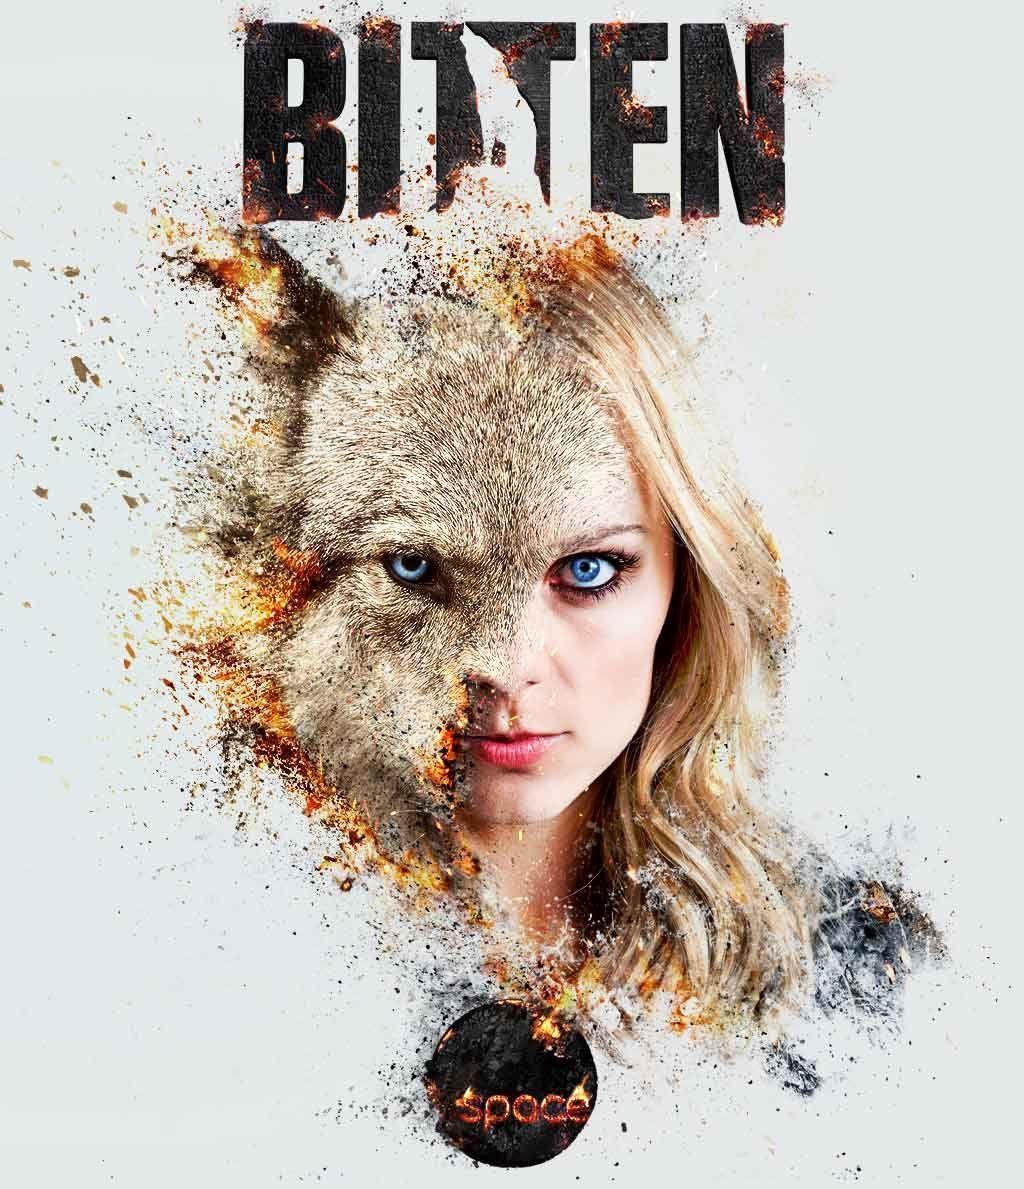 werewolf promotion